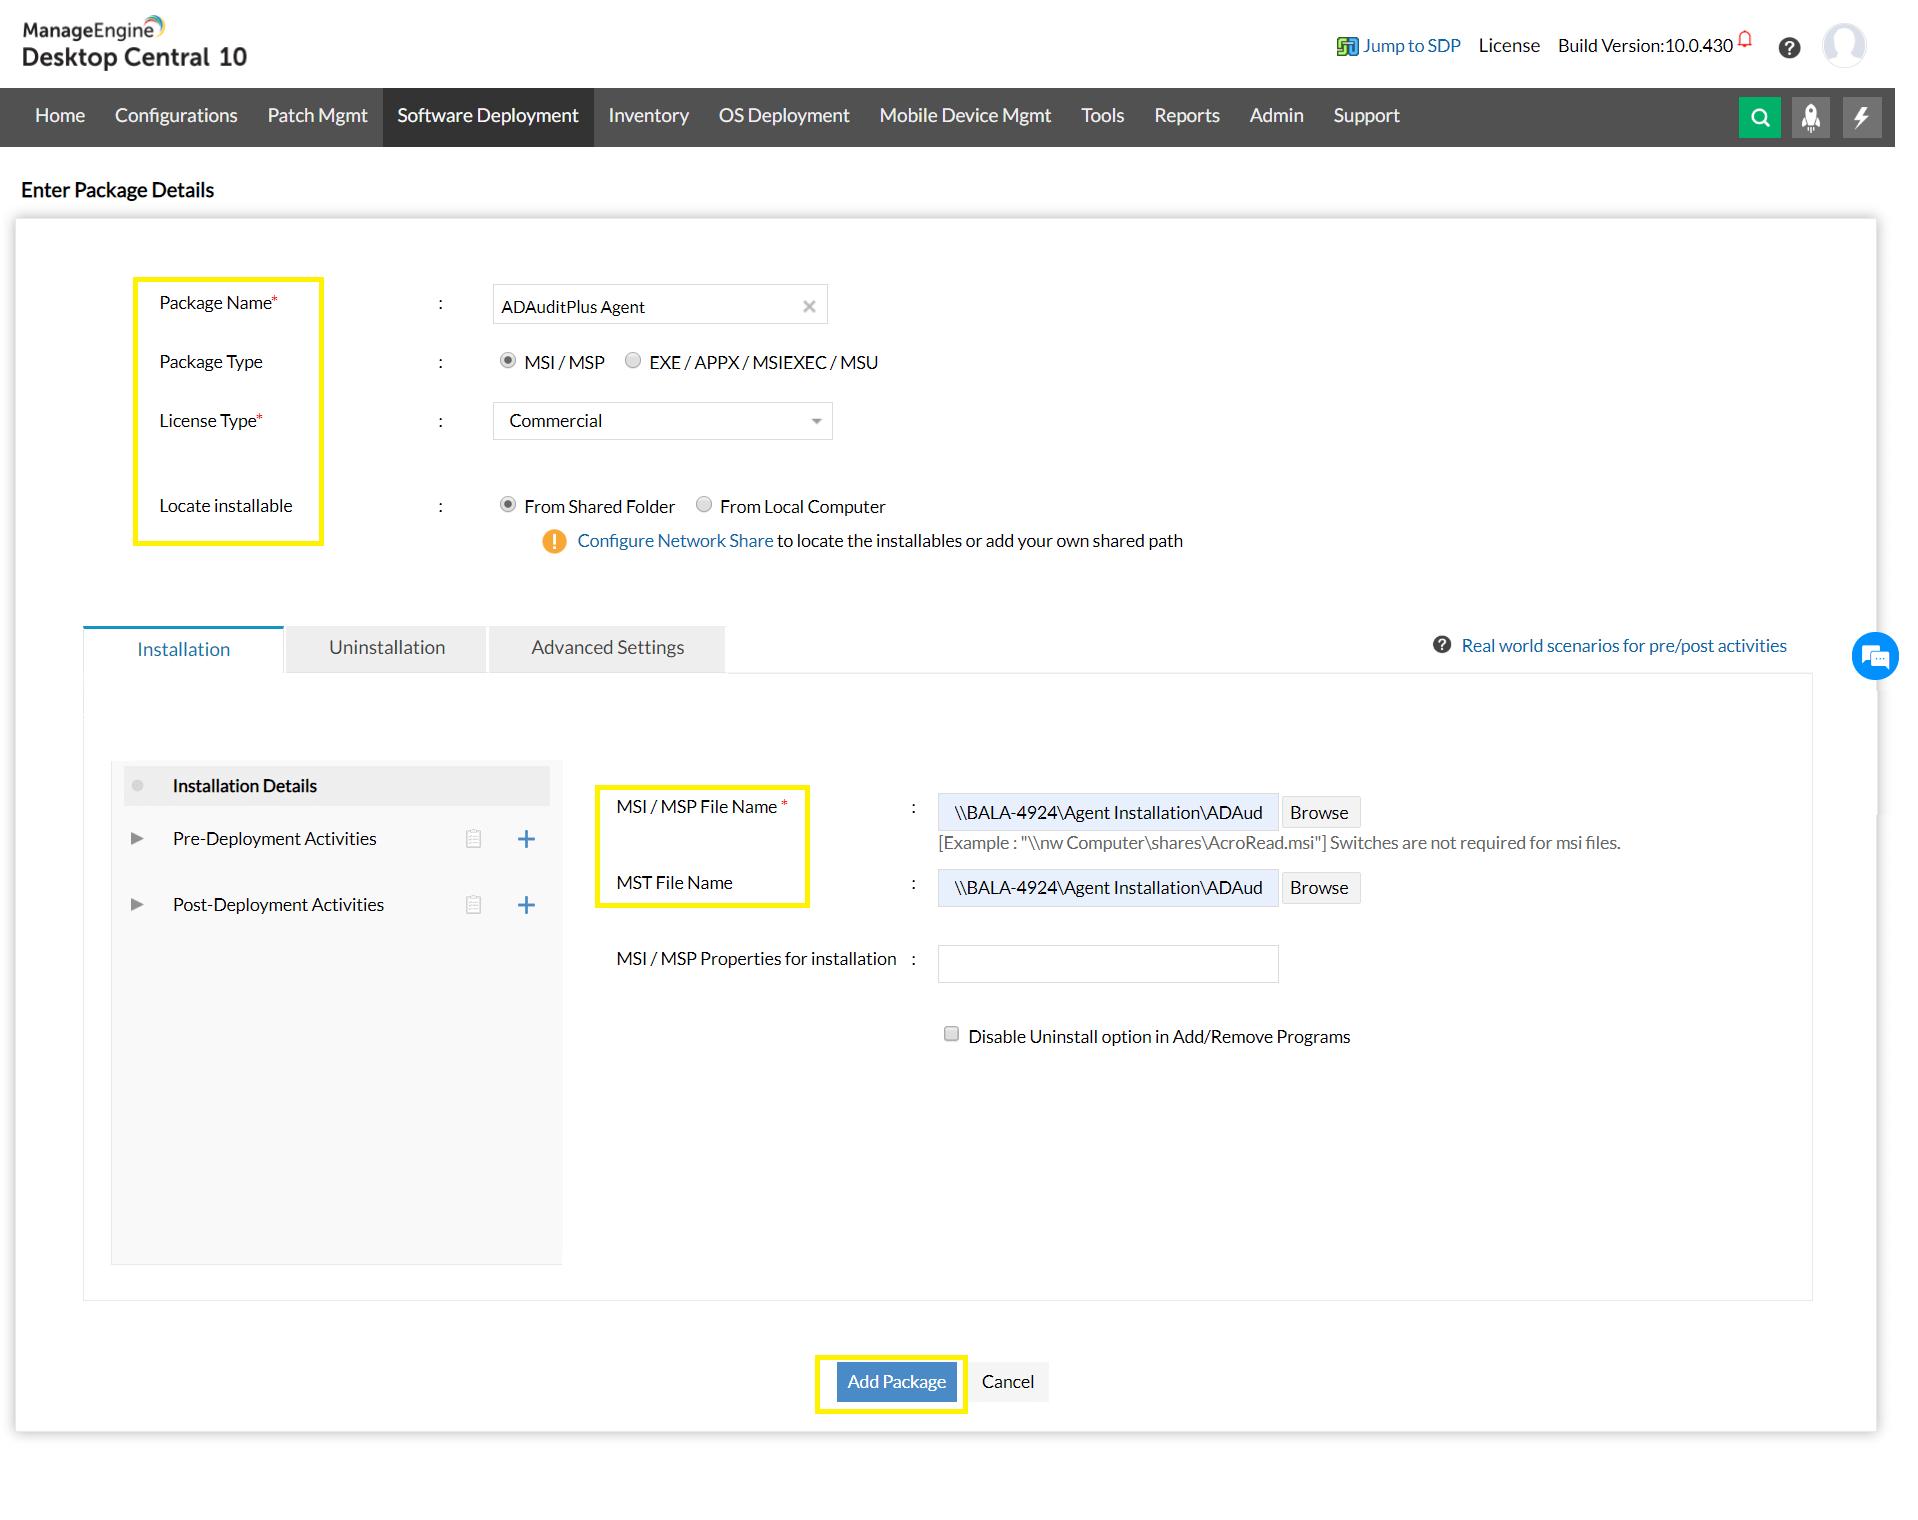 ADAuditPlus Agent Configuration Setup